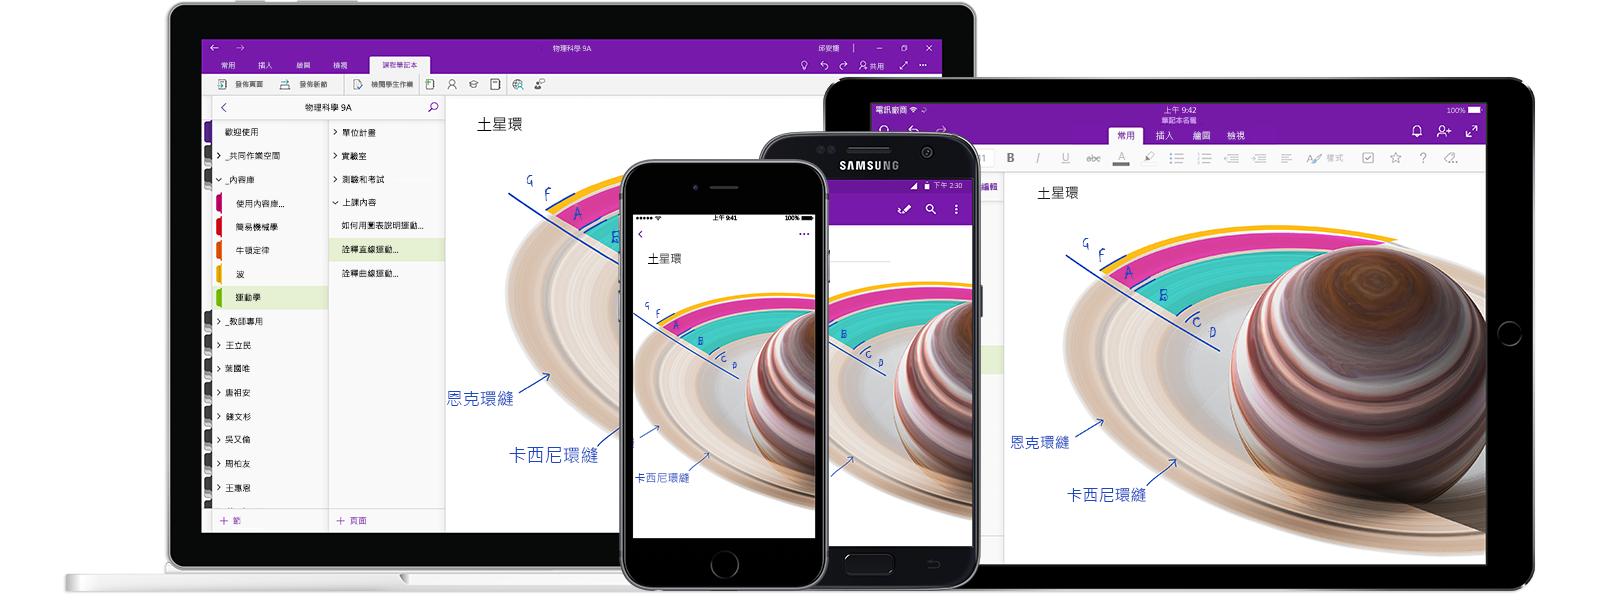 在兩支智慧型手機和兩部平板電腦上顯示線性圖課程的「物理科學 9A」OneNote 筆記本